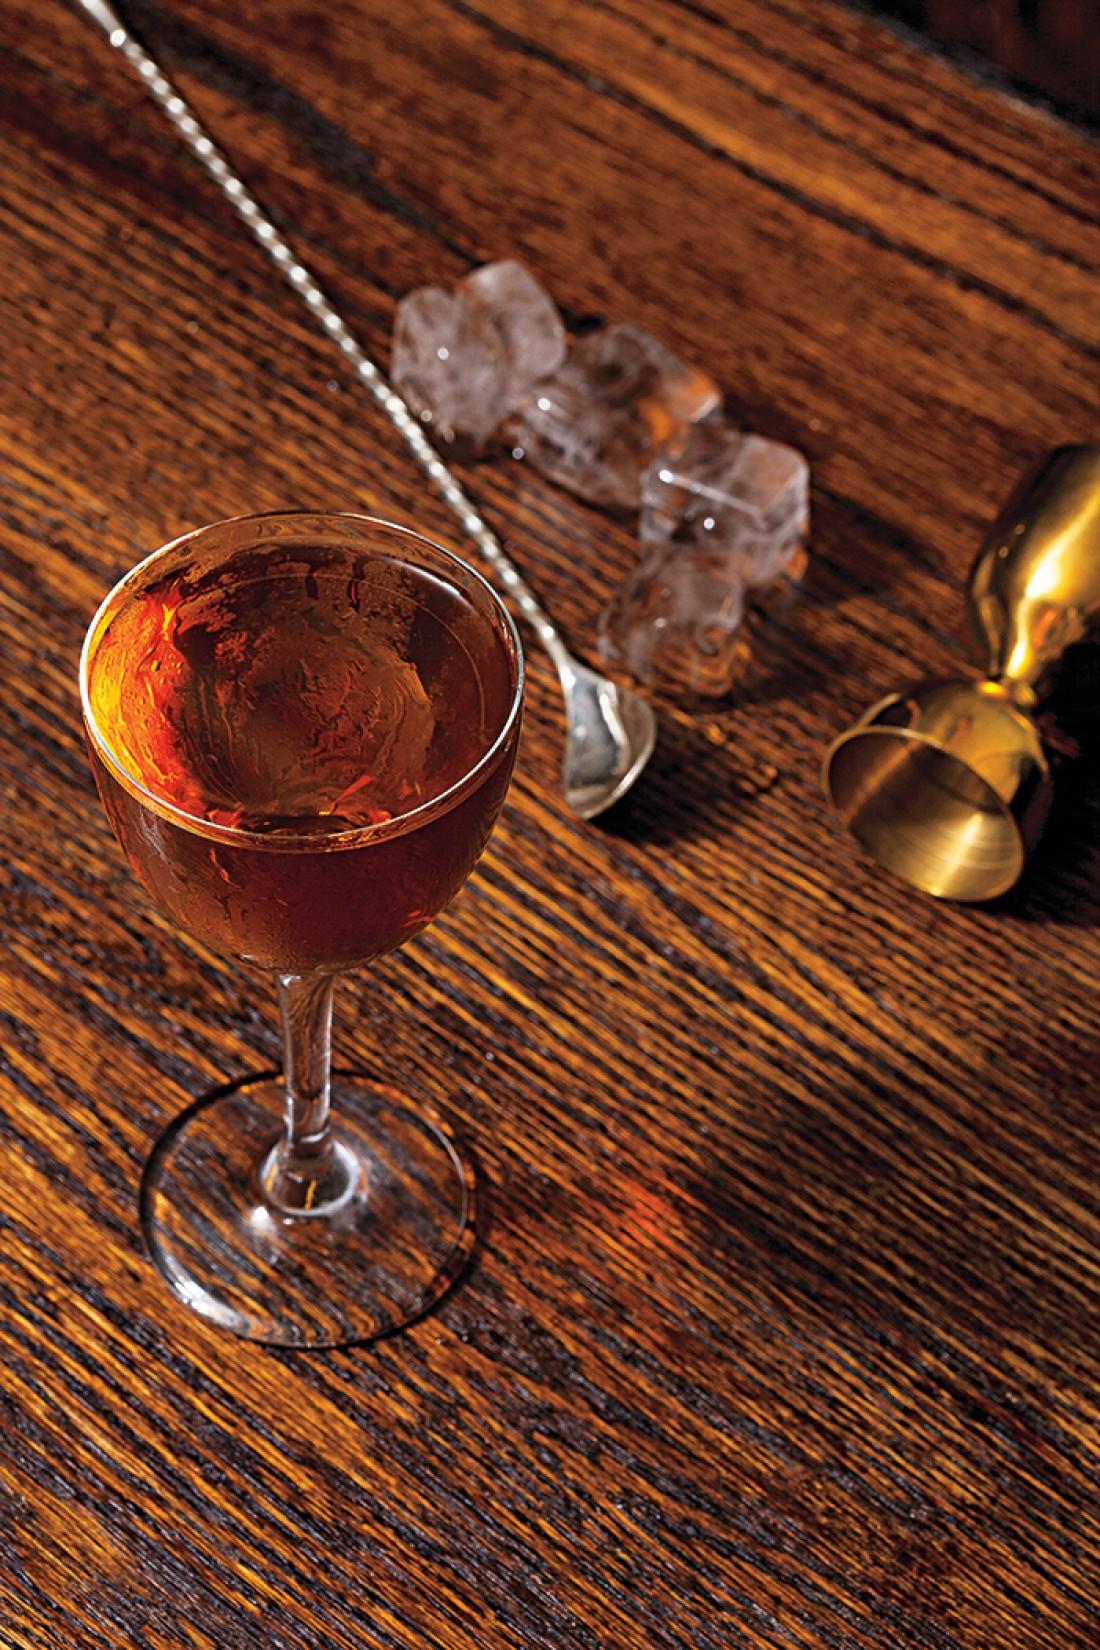 Виски - главный ингредиент в этом коктейле на Хэллоуин